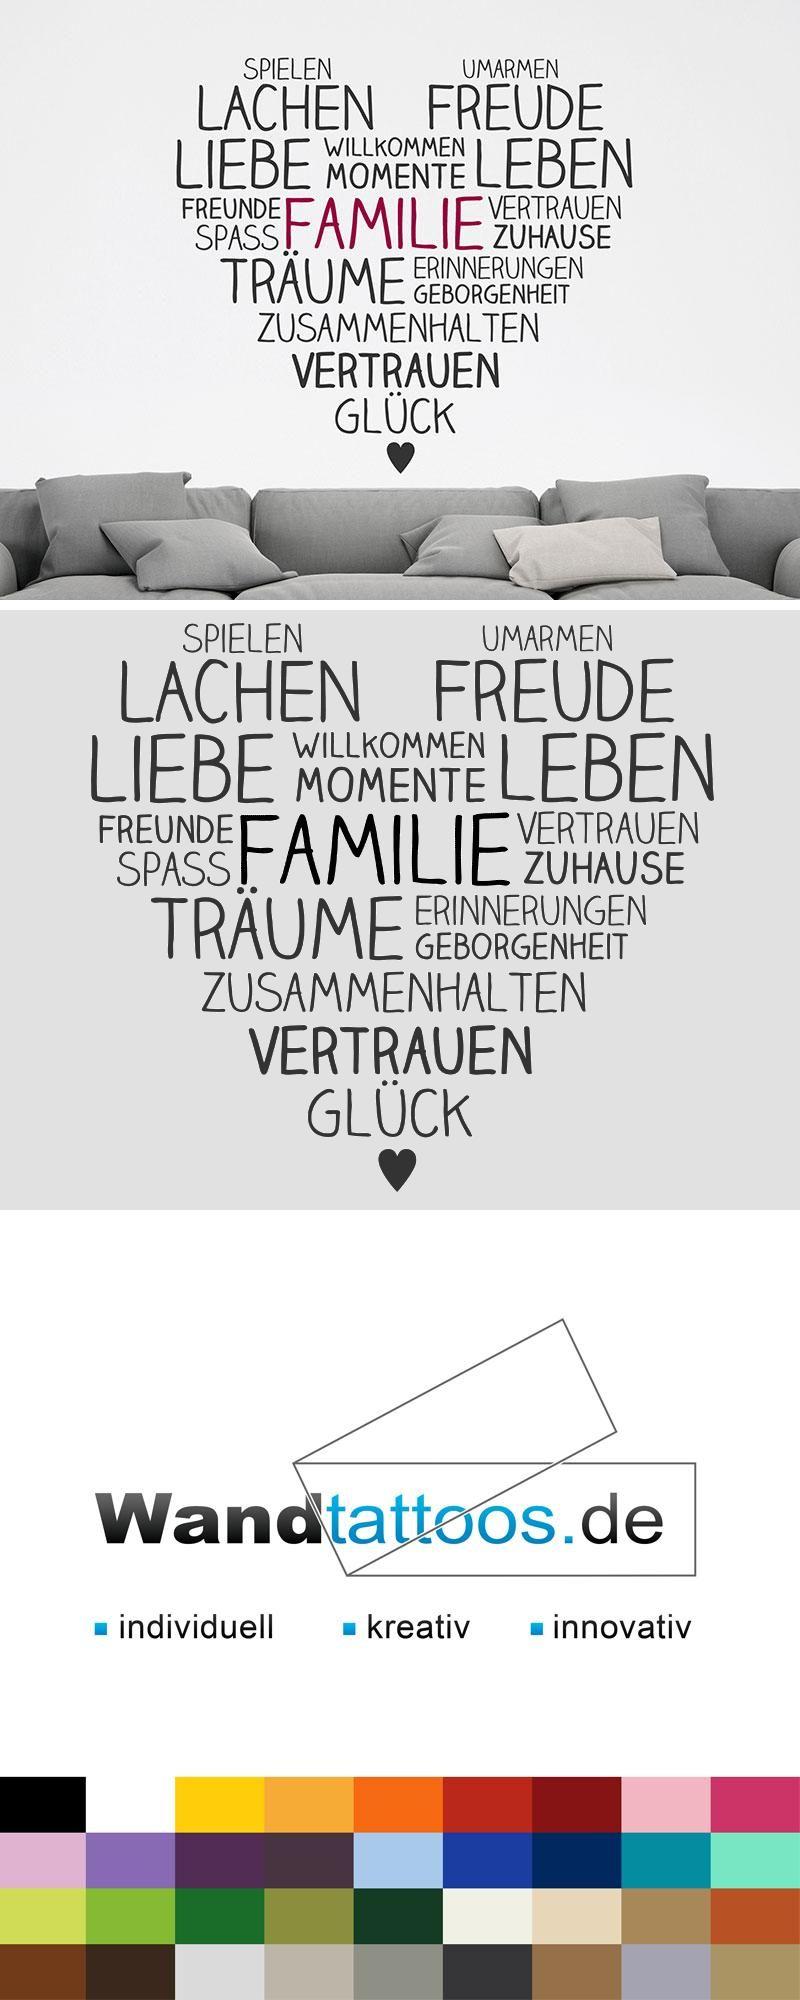 Wandtattoo Familie Im Herzen Als Idee Zur Individuellen Wandgestaltung.  Einfach Lieblingsfarbe Und Größe Auswählen. Weitere Kreative Anregungen Von  ...